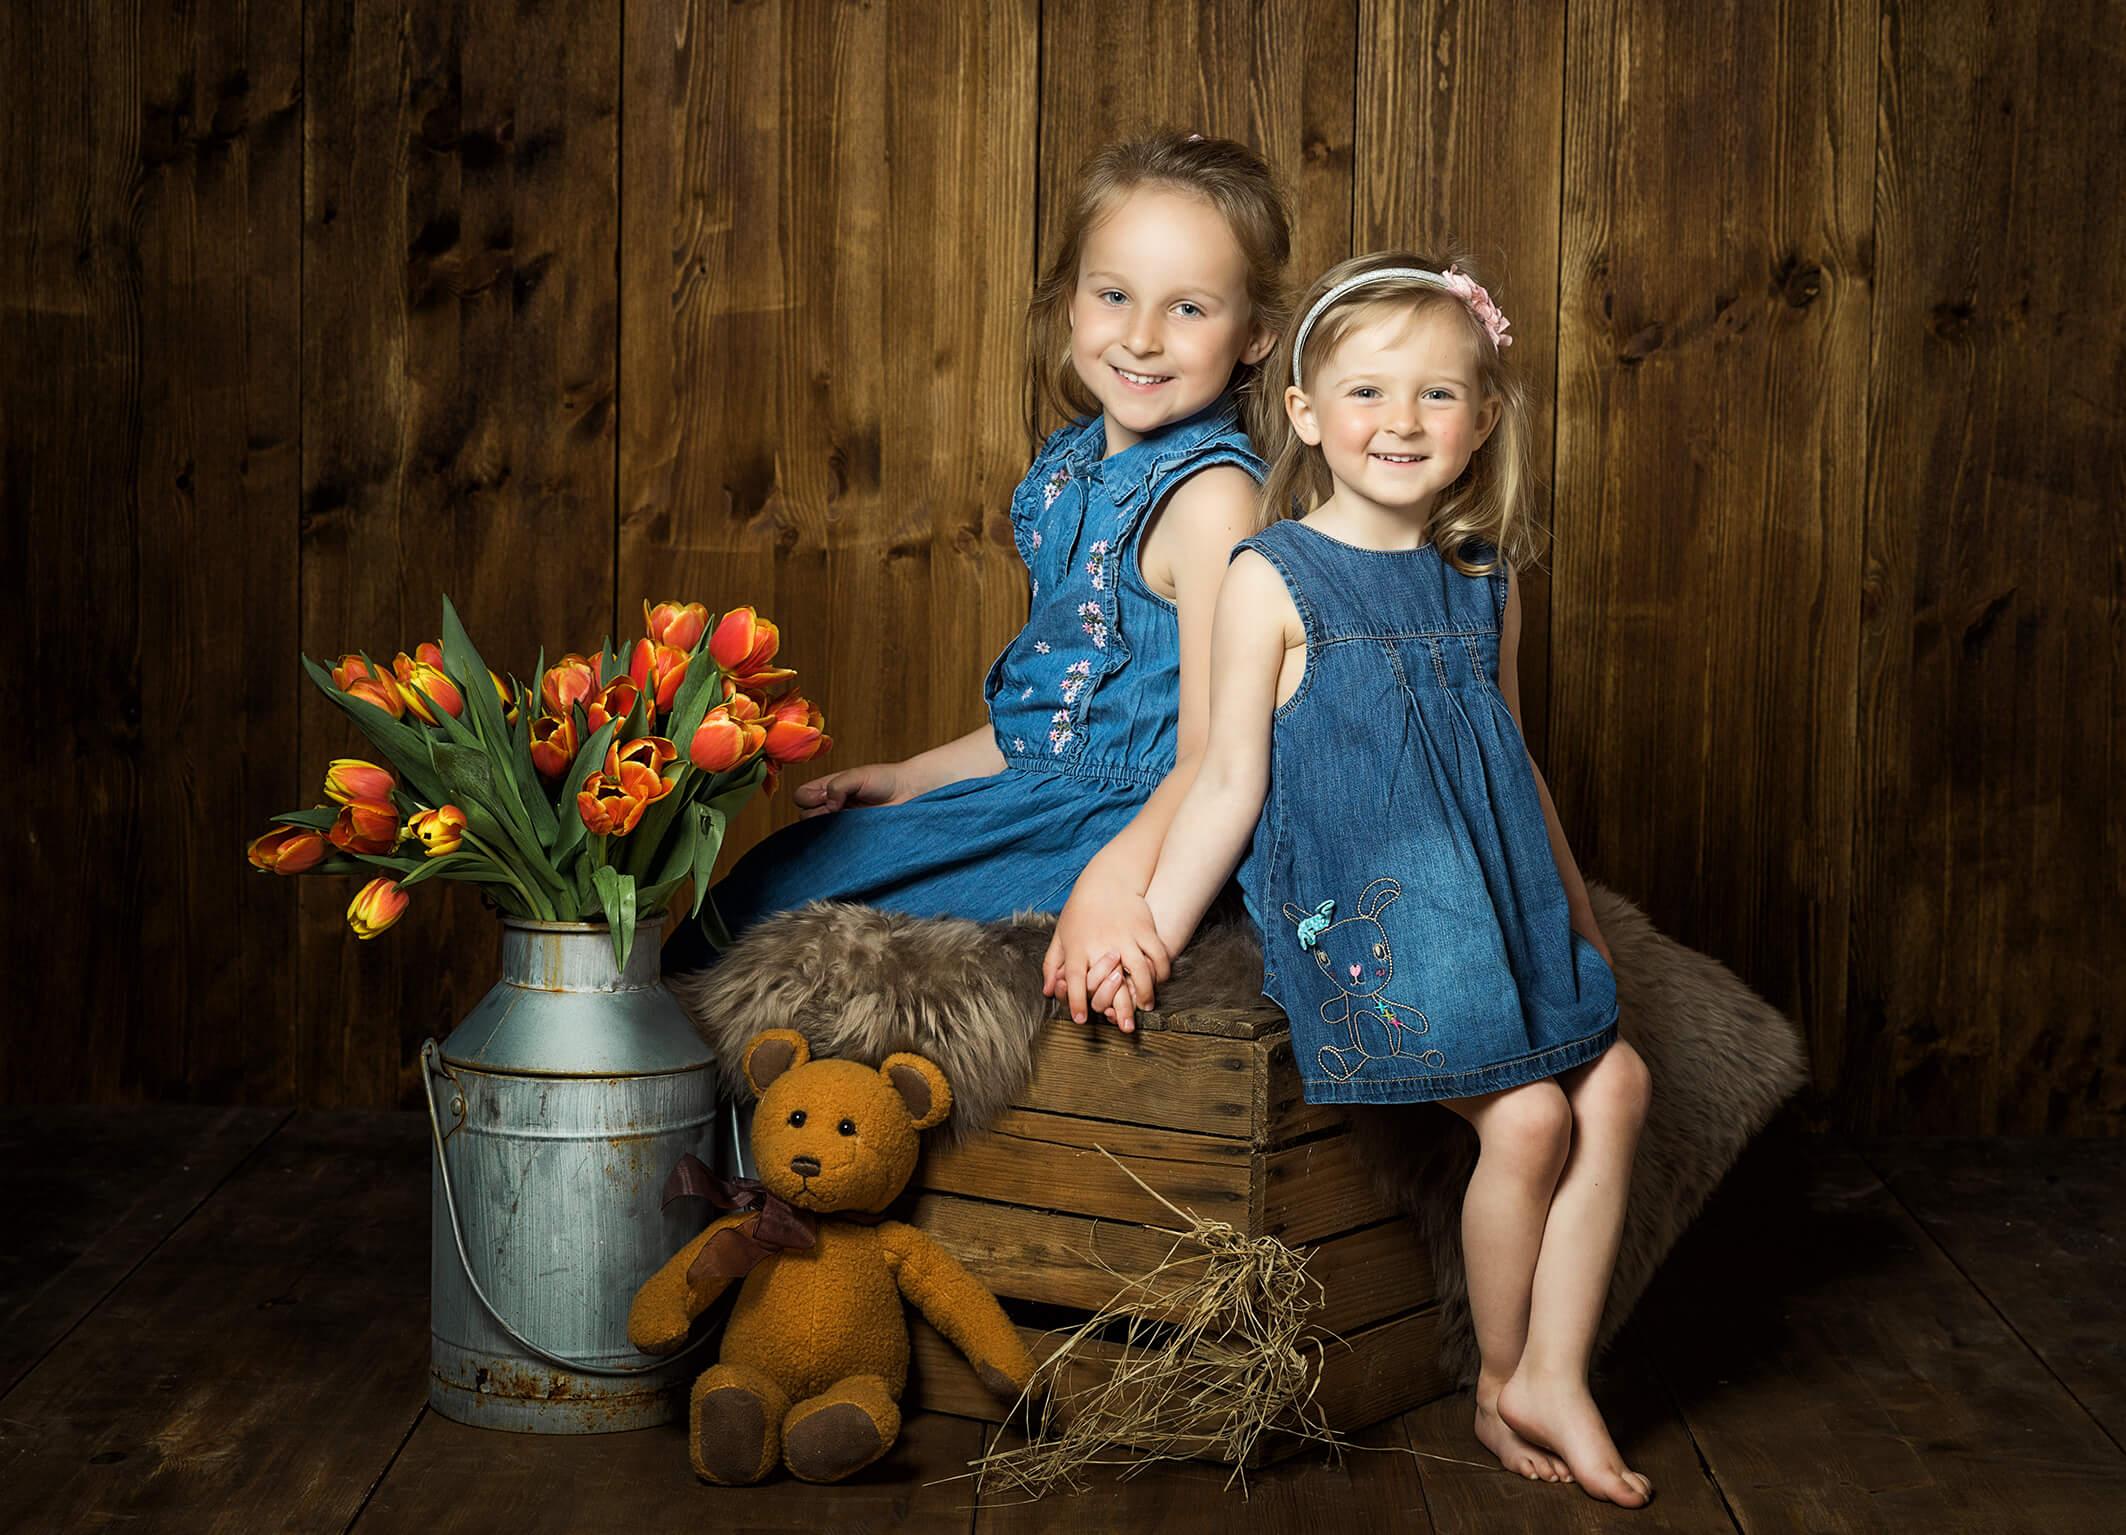 Geschwisterfoto im Frühling